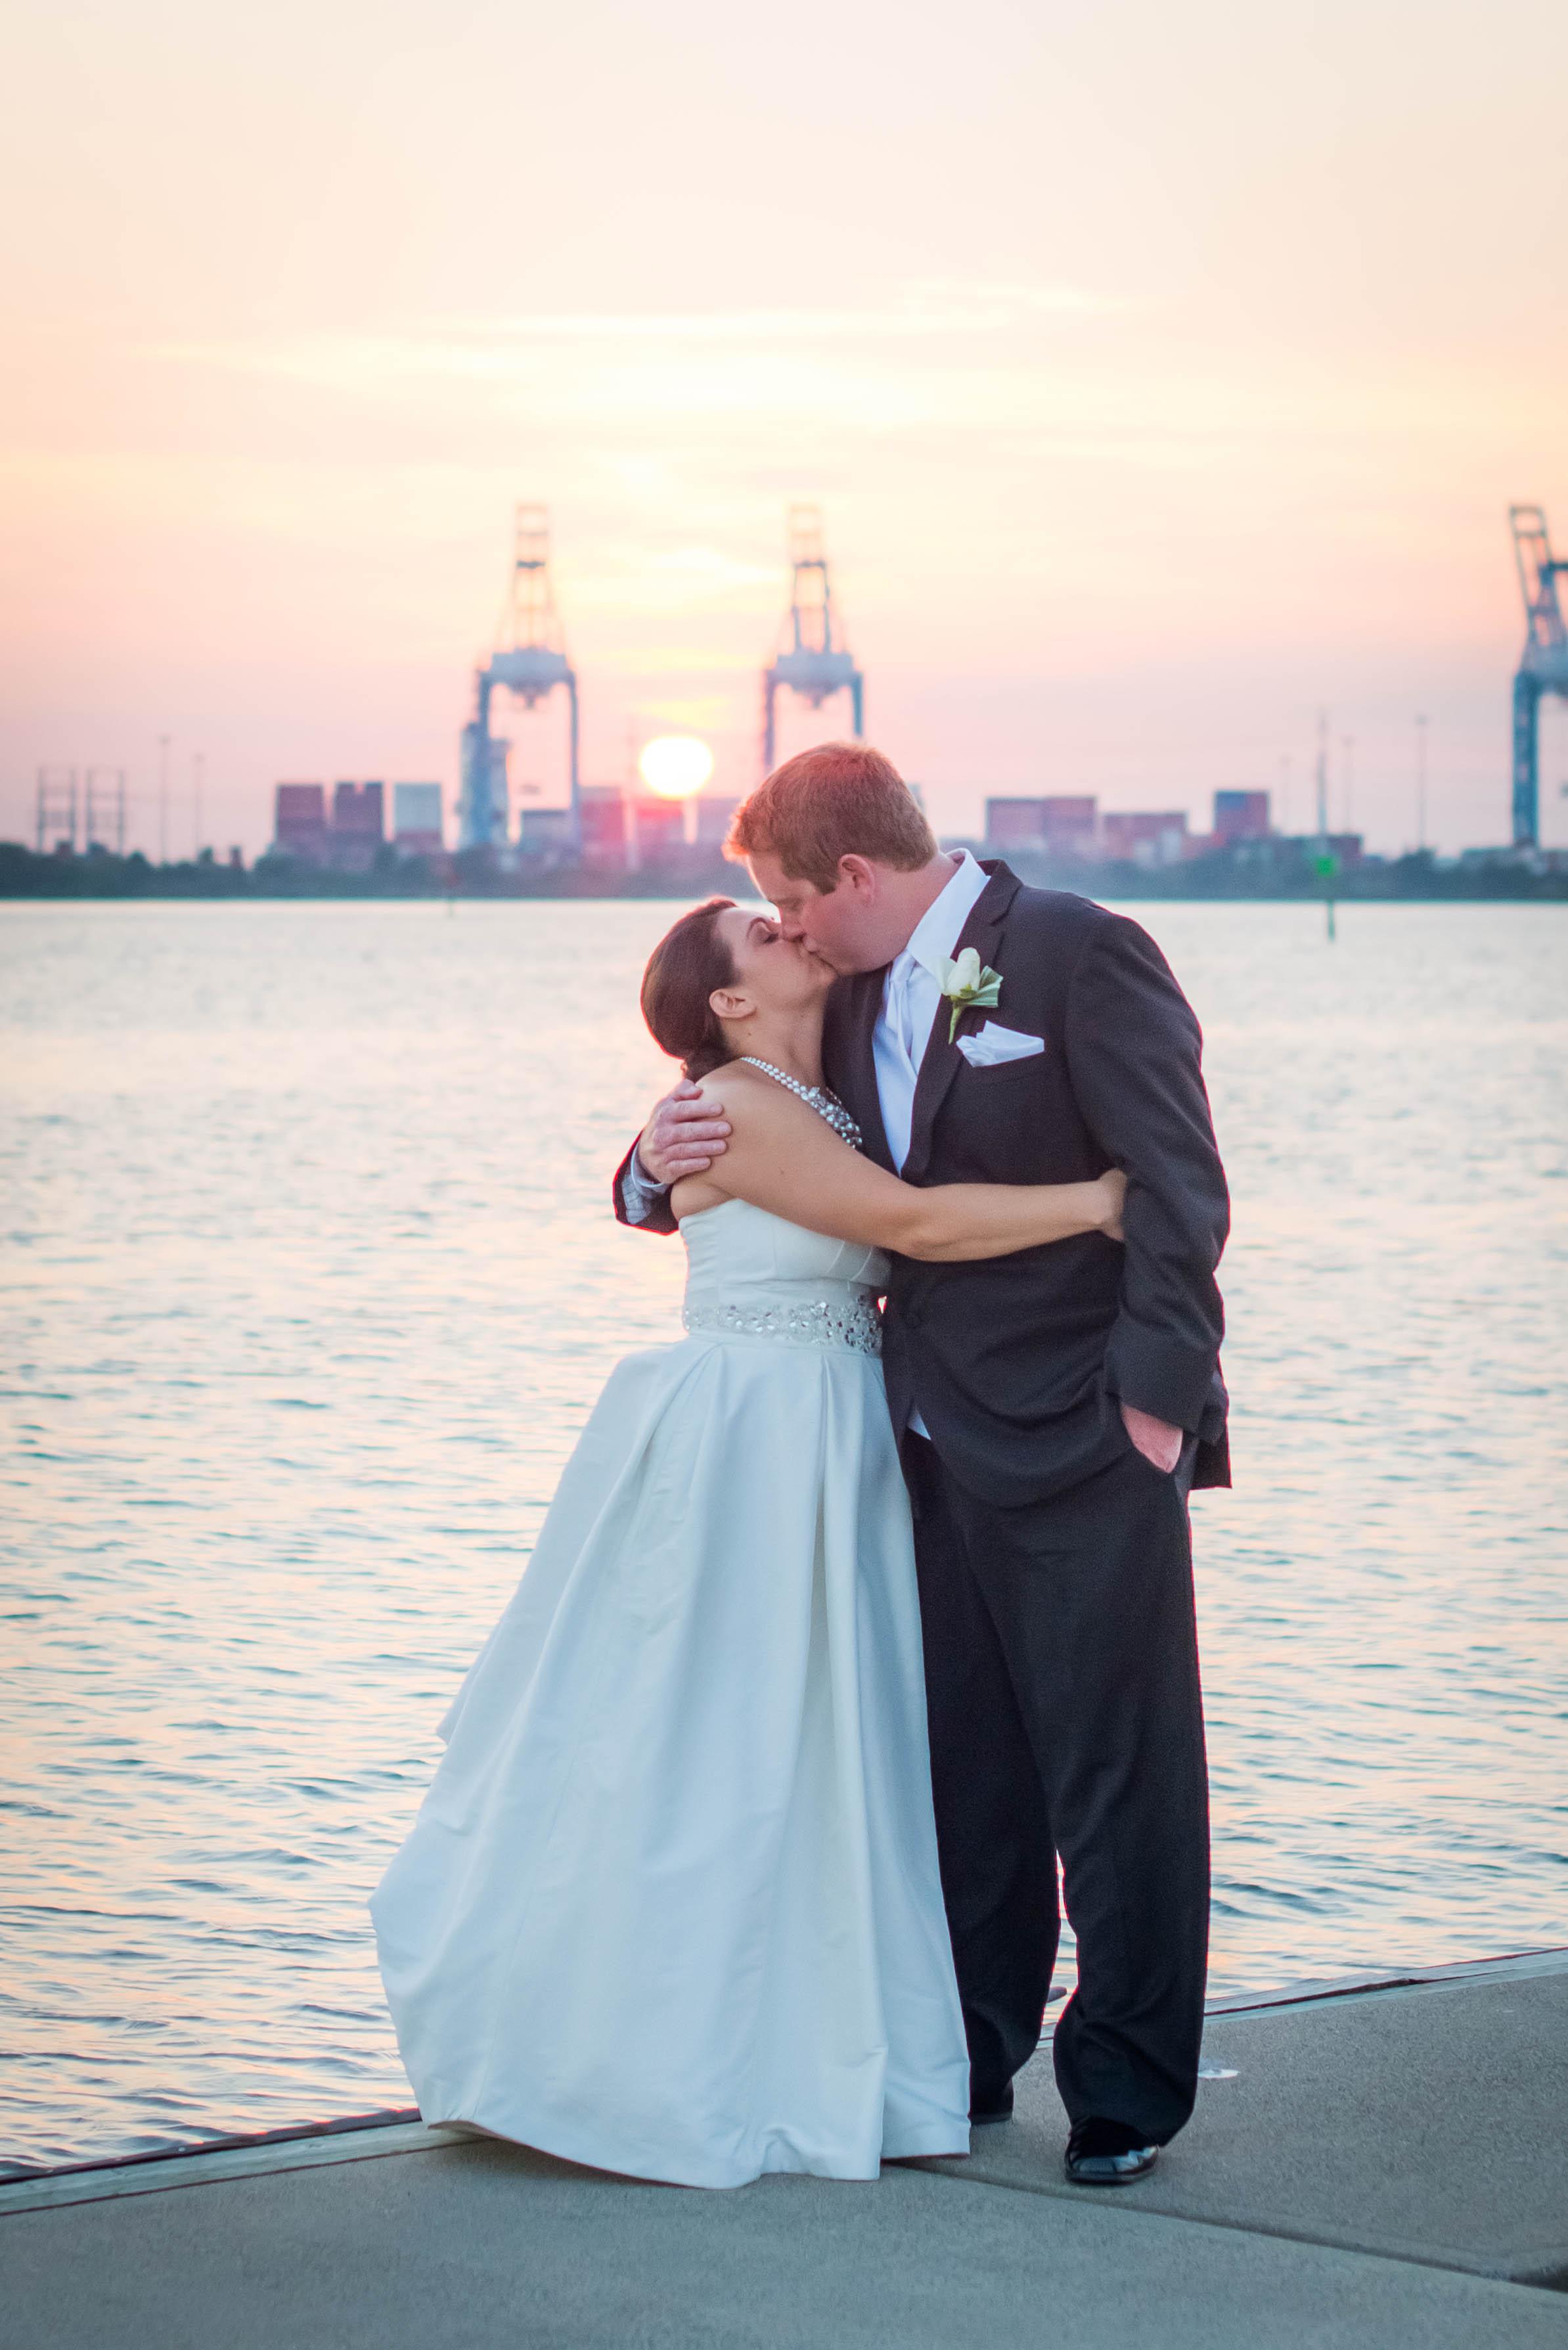 Michelle + Ed | Married!_0556 copy.jpg